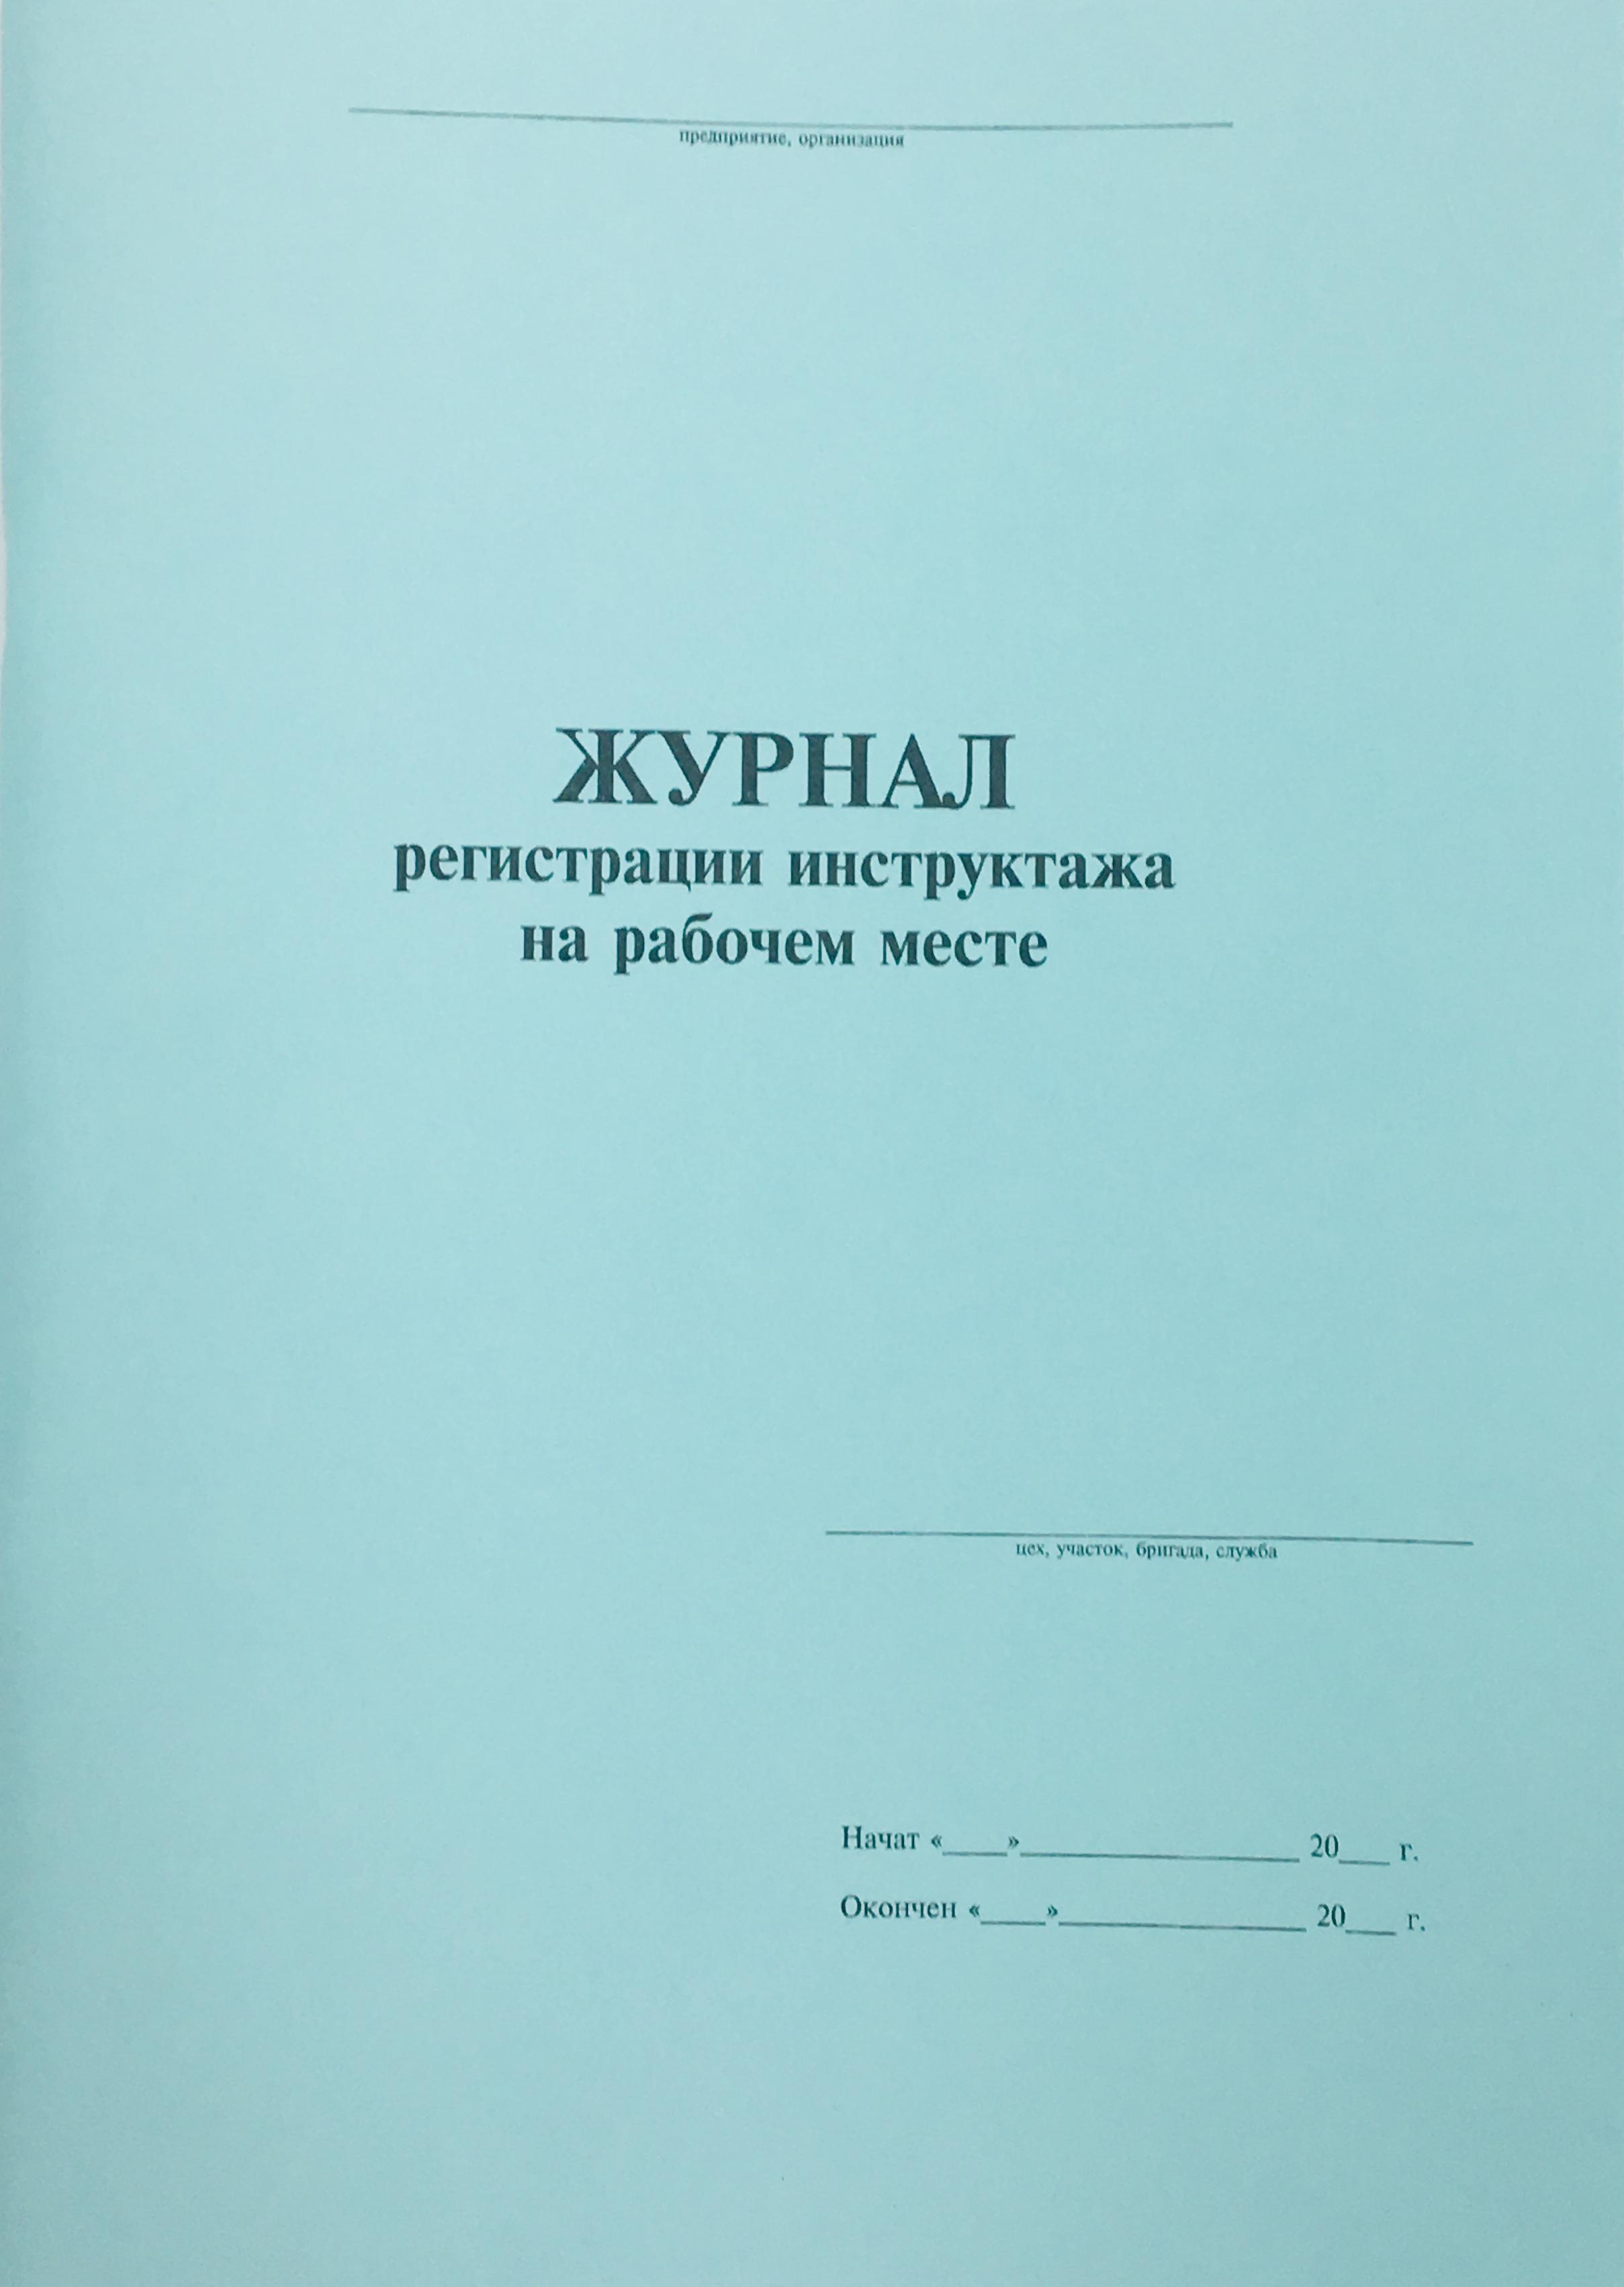 Журнал регистрации инструктажа персонала на рабочем месте